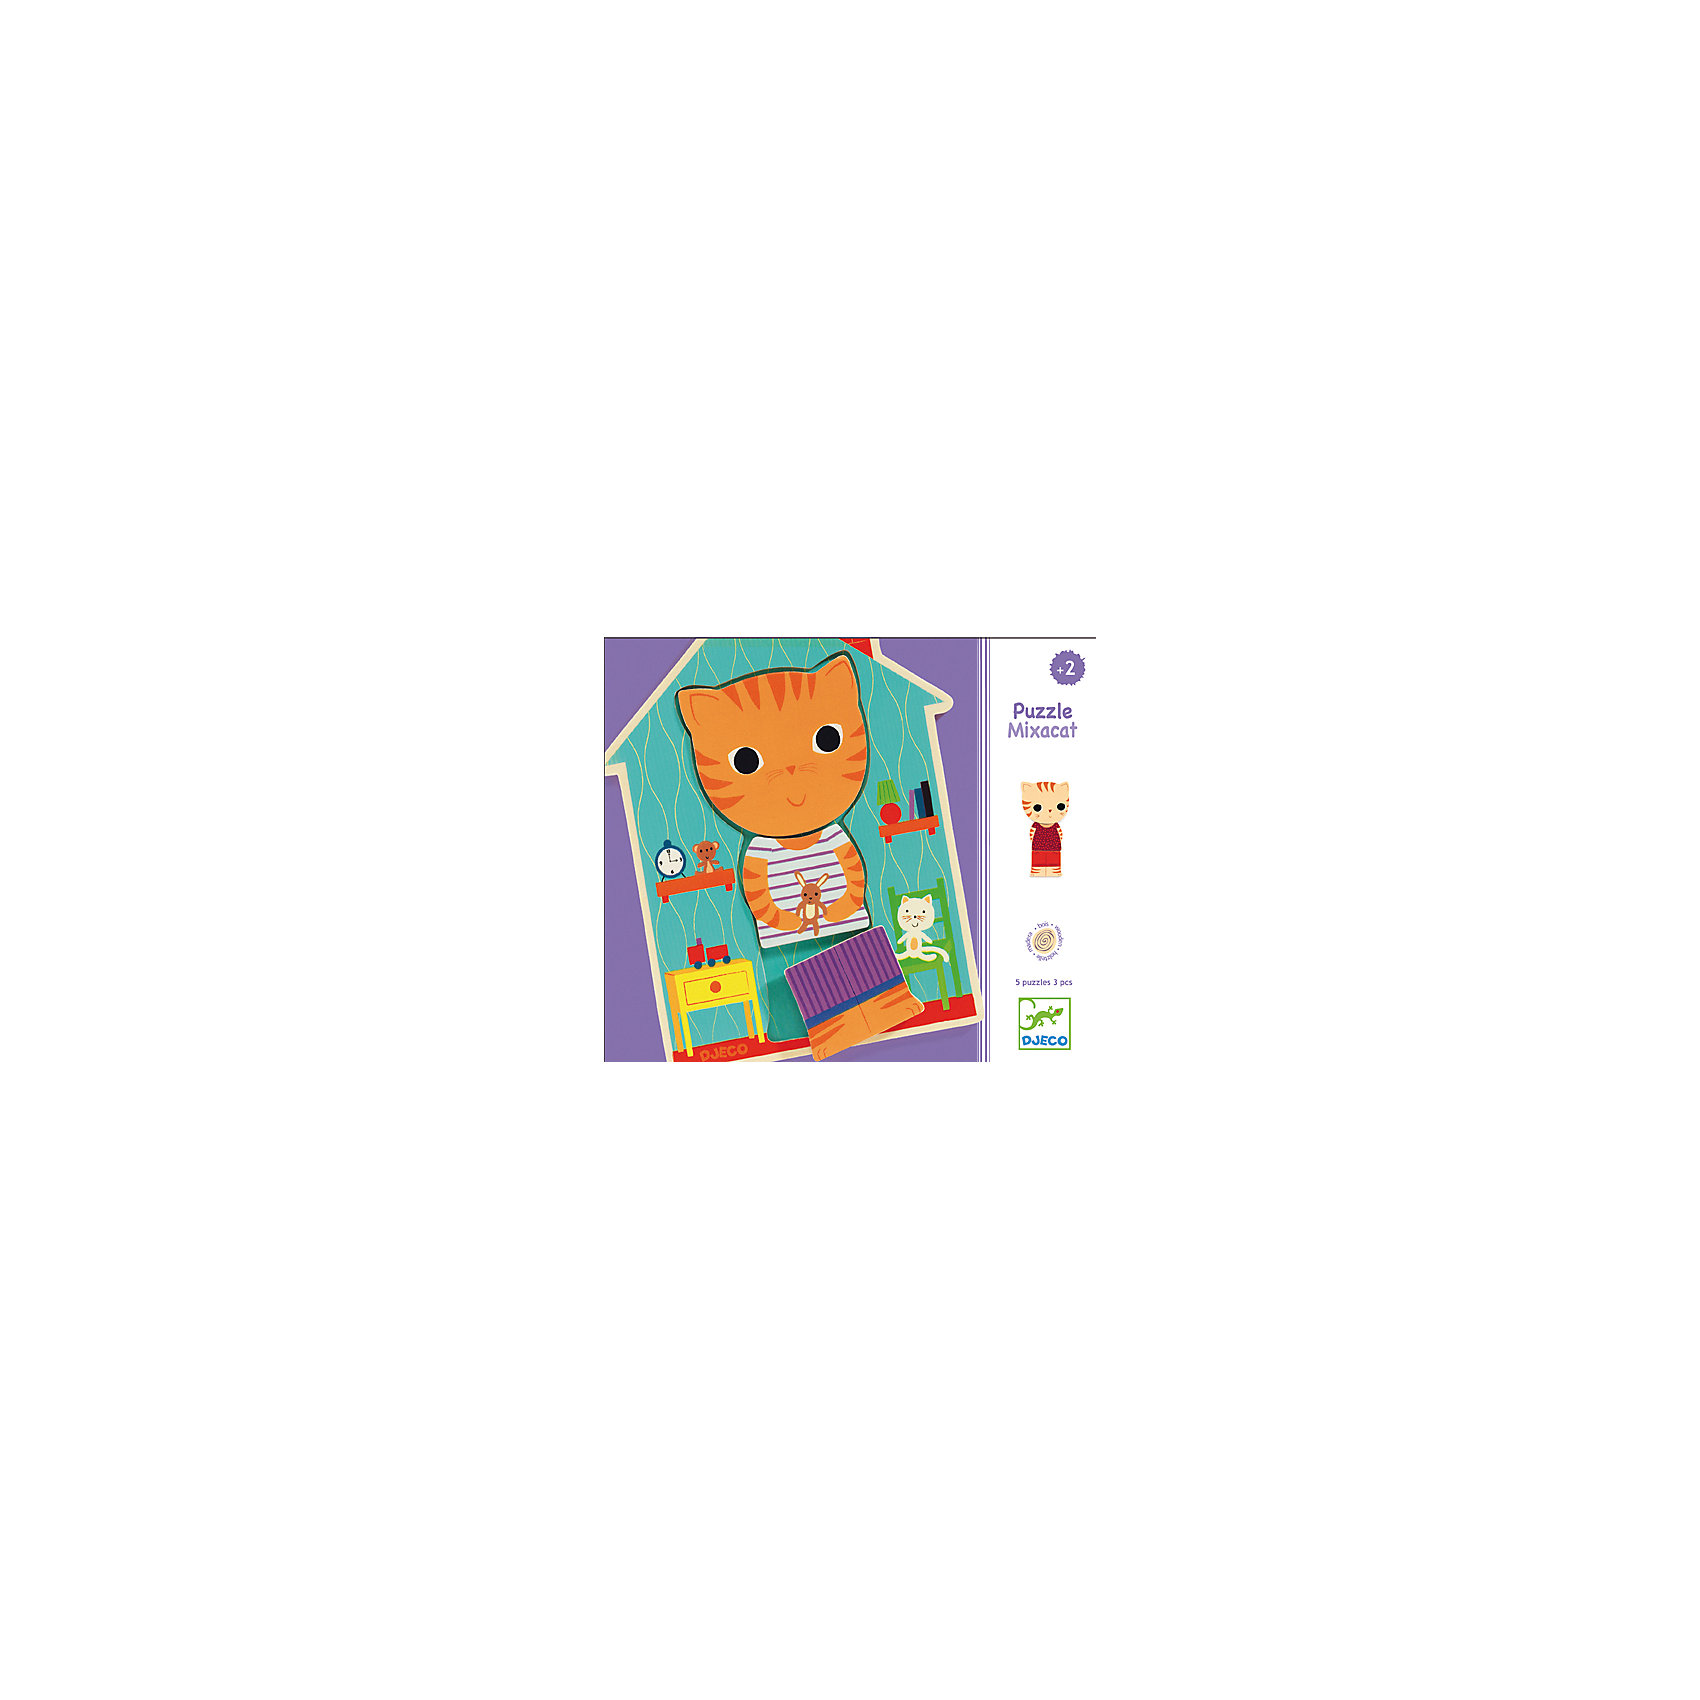 Деревянный пазл «Миксакэт», DJECOДеревянный пазл Миксакэт, Djeco (Джеко) - увлекательный развивающий набор, который станет отличным подарком для Вашего ребенка. В комплекте рамка-основа в виде домика и 15 деревянных элементов, из которых малыш может собрать 5 различных котят. Каждый котенок состоит из головки, ножек и животика. Они разного цвета и одеты в разную одежду. Ребенку предстоит правильно сложить все элементы, чтобы получилась забавная фигурка котенка или, собрав детали от разных котят, создавать новых животных в разной одежде. Игровой набор способствует развитию цветового восприятия, логического мышления и мелкой моторики, помогает искать сходства и различия.<br> <br>Дополнительная информация:<br><br>- Материал: дерево. <br>- Размер рамки: 18,7 х 14,5 х  0,9 см.<br>- Размер упаковки: 21,5 х 18,5 х 4,5 см.<br>- Вес: 120 гр.<br><br>Деревянный пазл Миксакэт, Djeco (Джеко), можно купить в нашем интернет-магазине.<br><br>Ширина мм: 190<br>Глубина мм: 220<br>Высота мм: 50<br>Вес г: 530<br>Возраст от месяцев: 24<br>Возраст до месяцев: 60<br>Пол: Унисекс<br>Возраст: Детский<br>SKU: 4566277